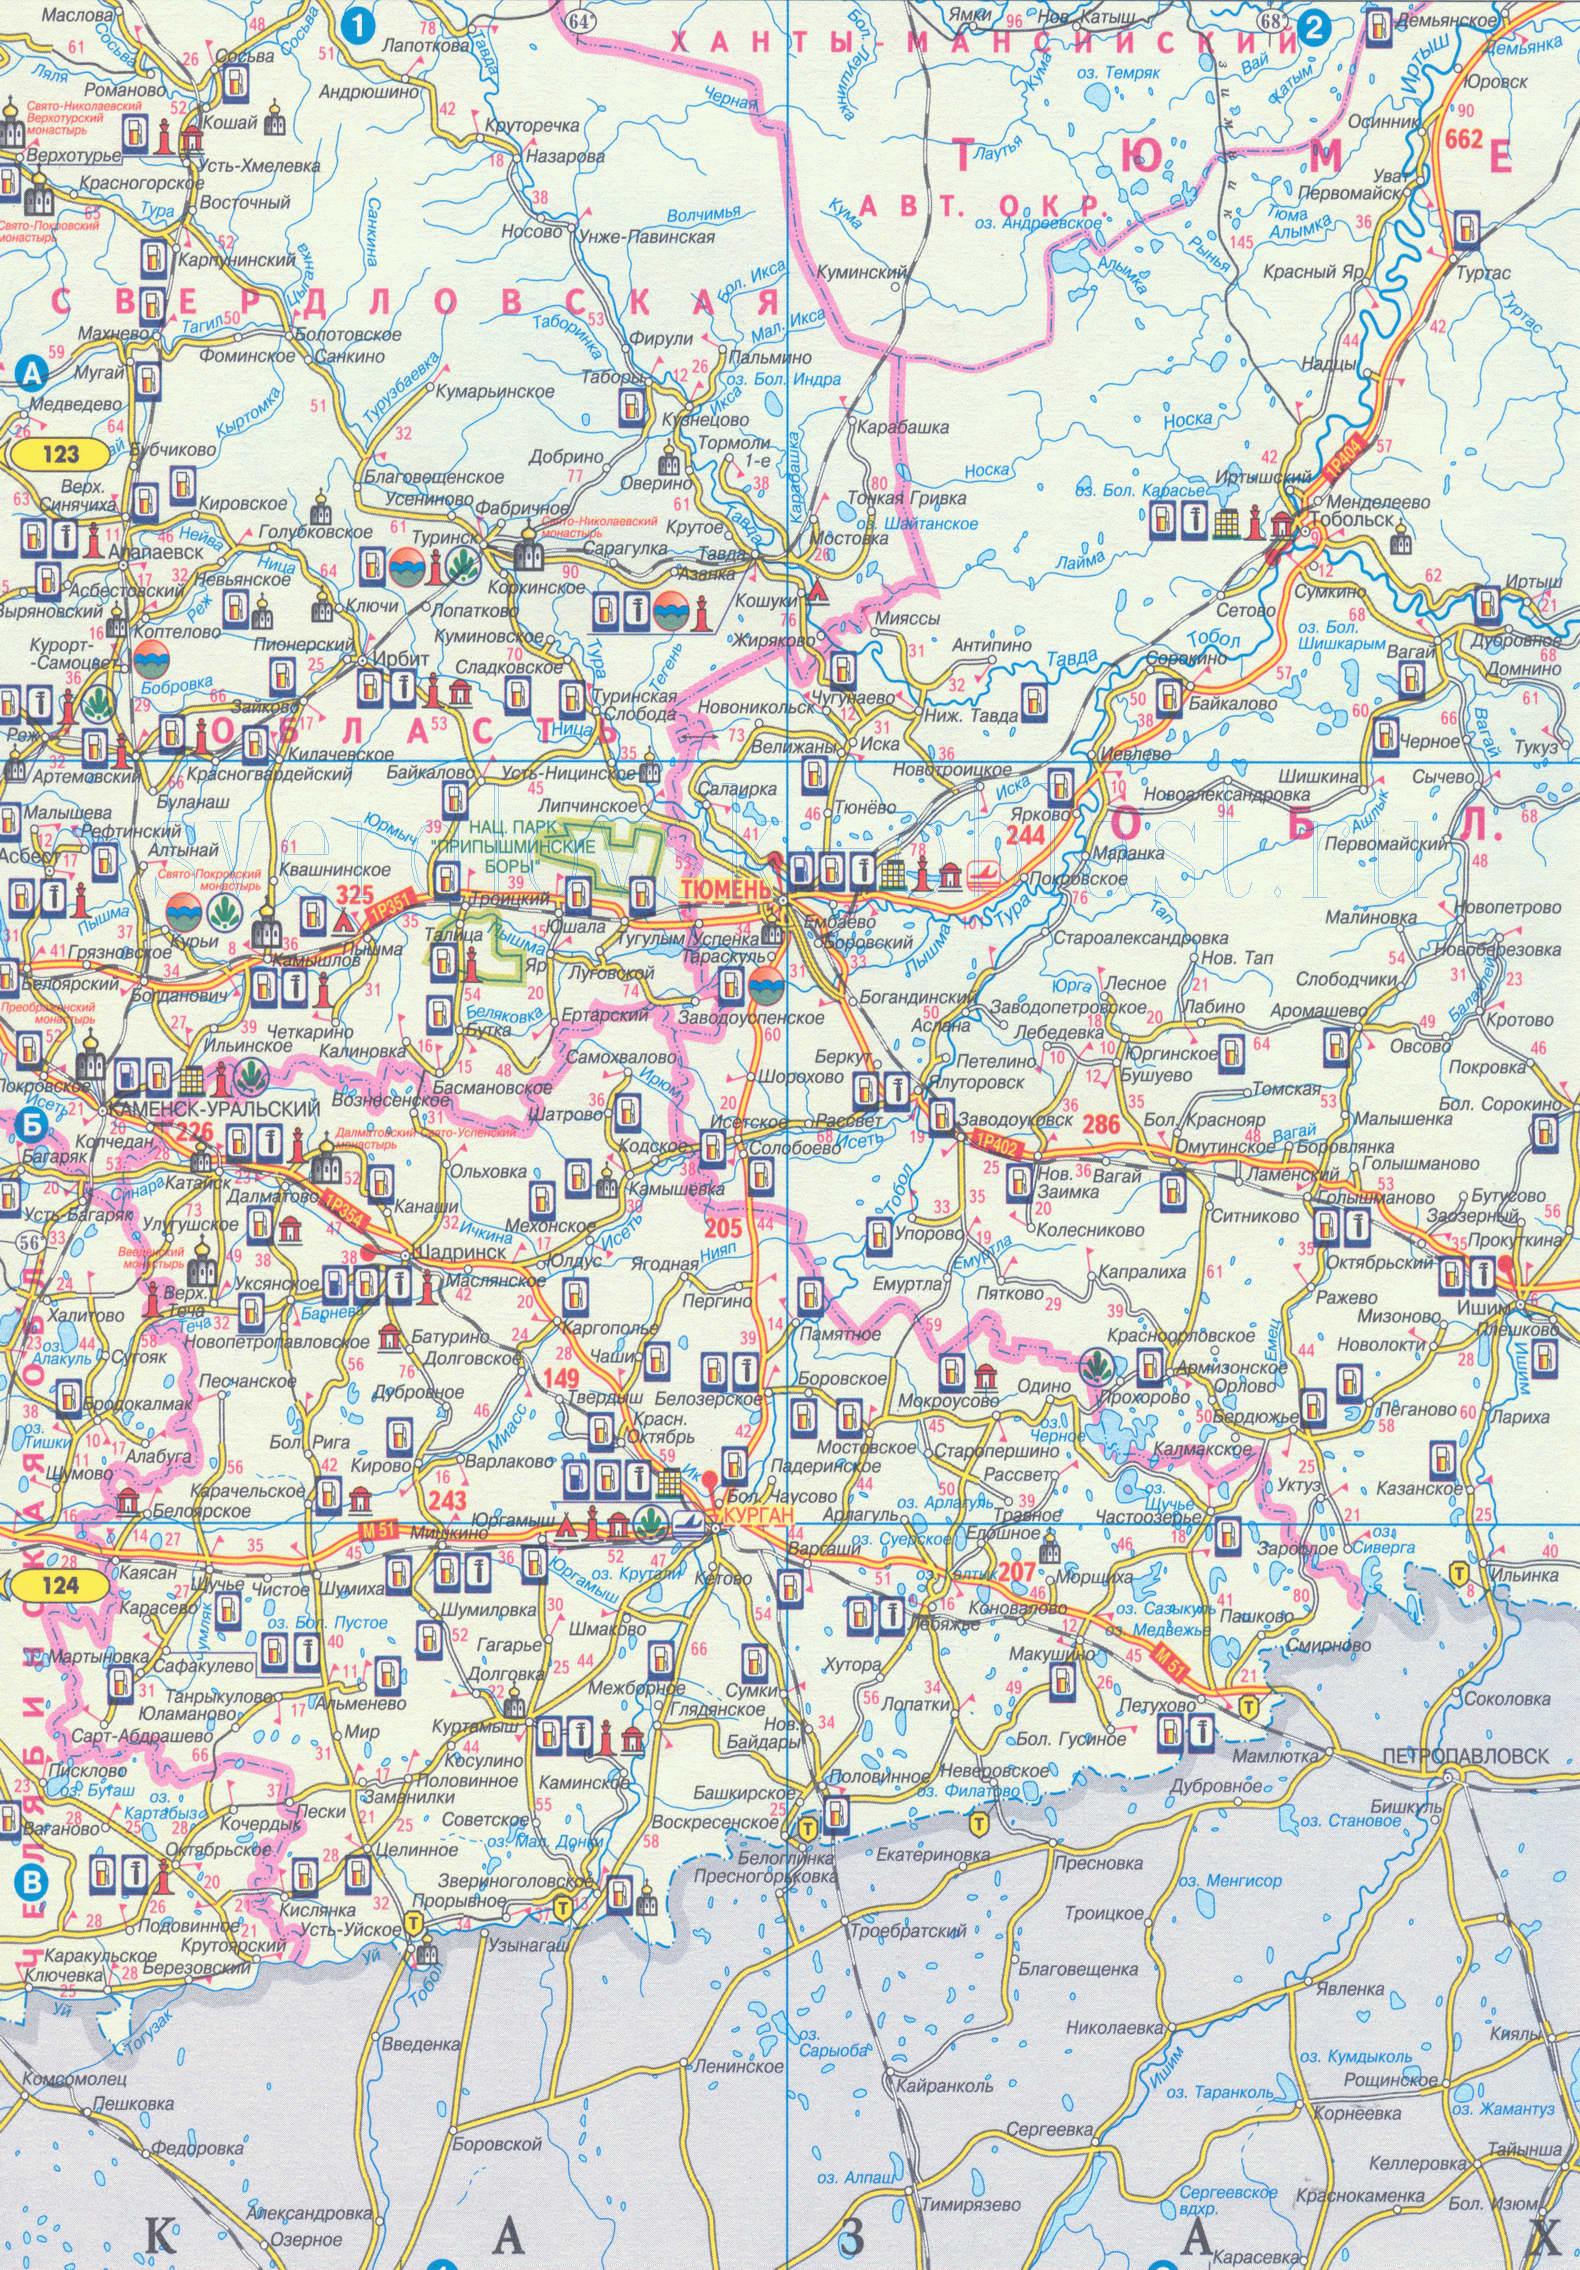 Карта Ирбита со спутника от Яндекса